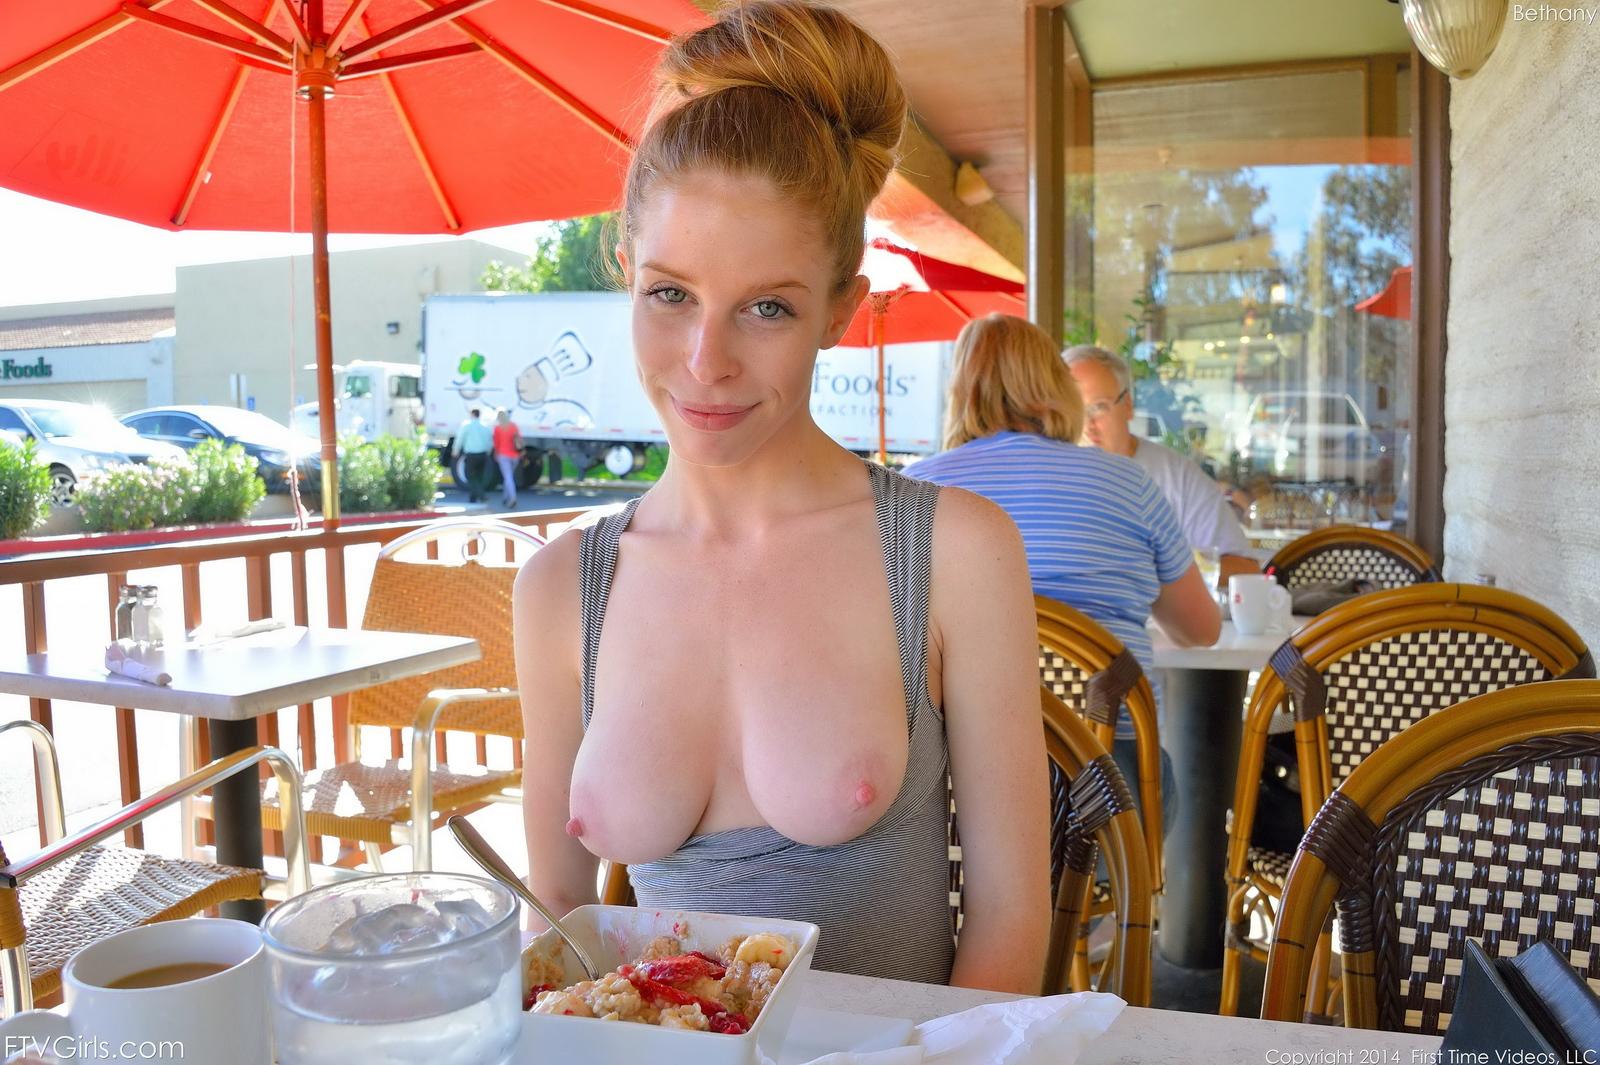 bethany-redhead-morning-jogging-breakfast-ftvgirls-03